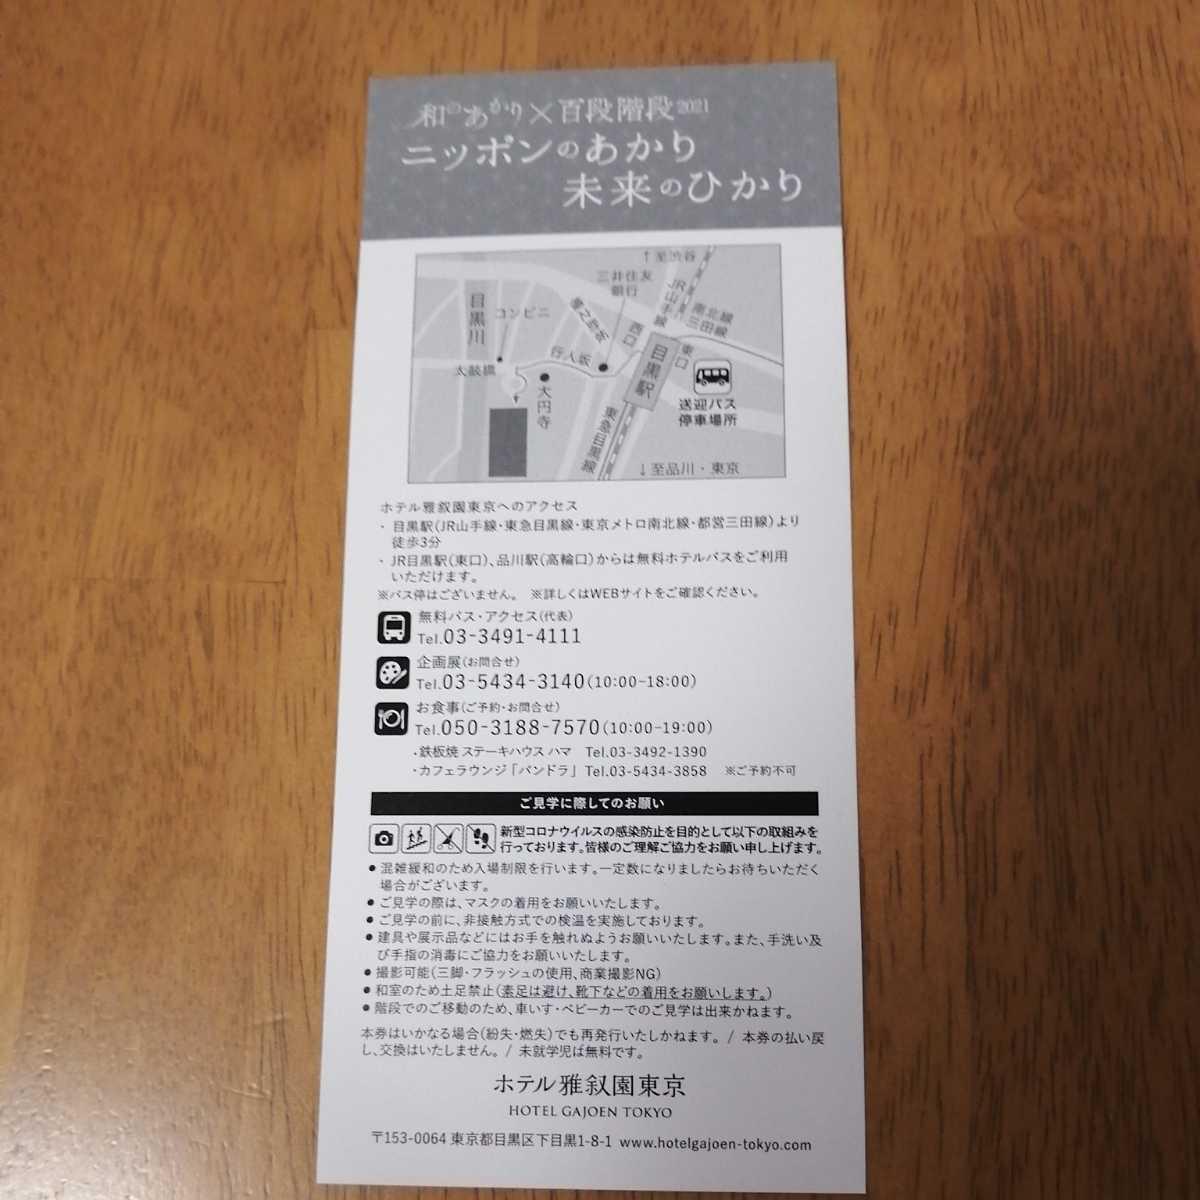 数量 2 目黒雅敘園 雅叙園東京 和のあかり 百段階段 ニッポンのあかり 未来のひかり 招待券  チケット ペアも可能 入場券 _画像2